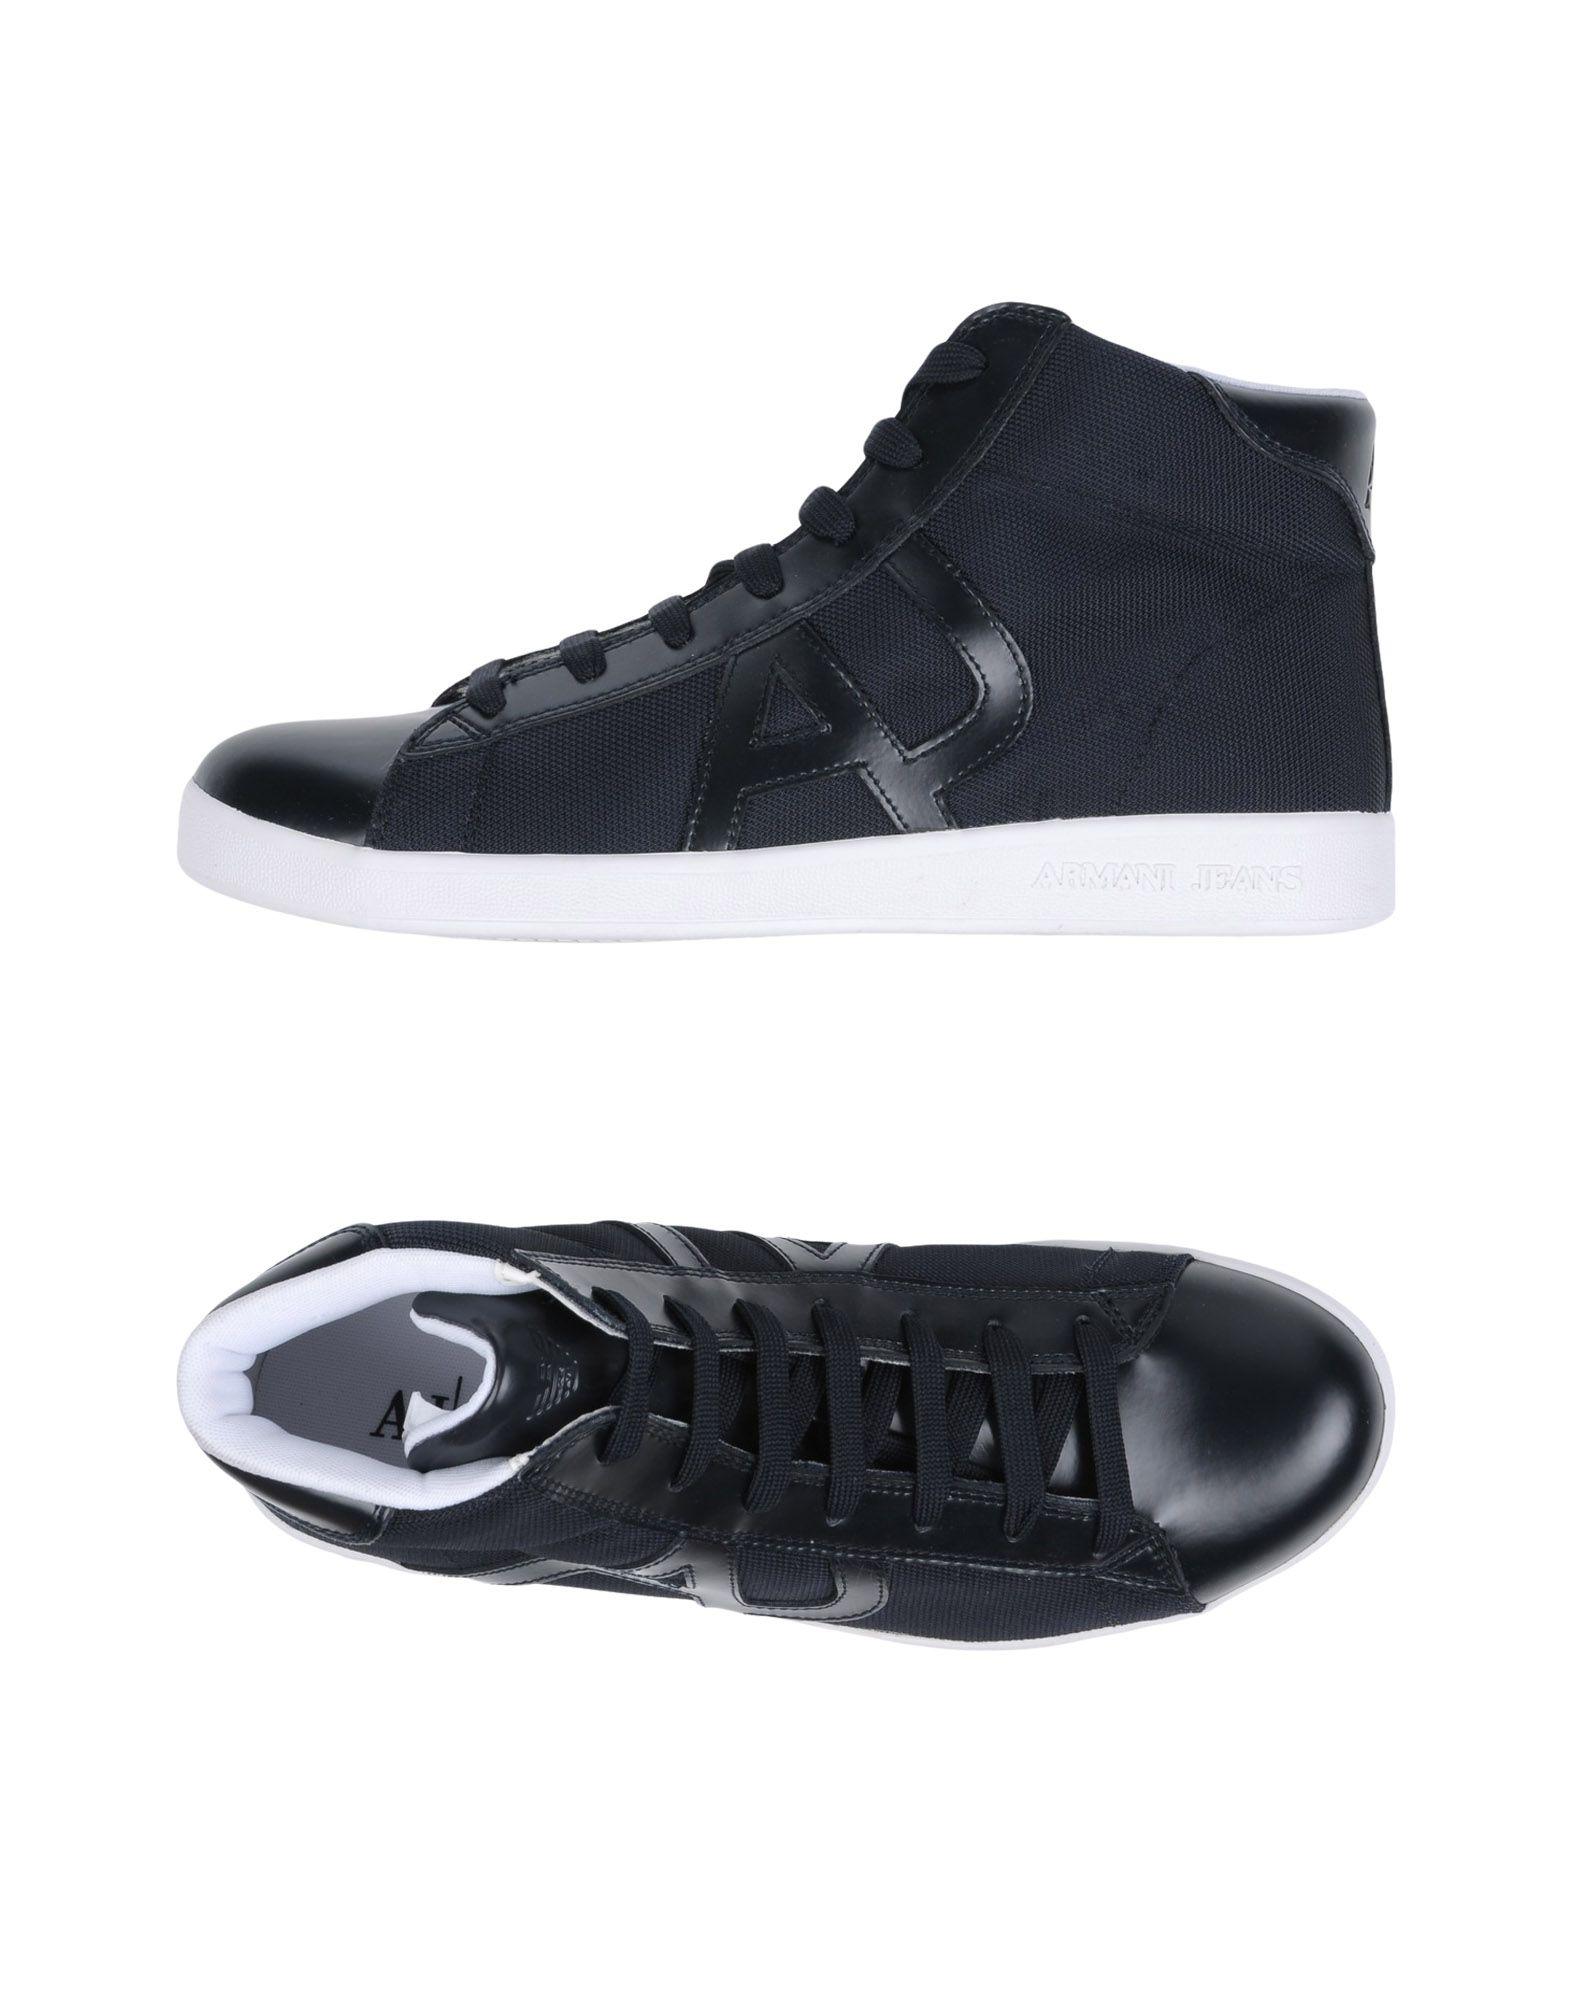 Rabatt echte Schuhe Armani Jeans Sneakers  Herren  Sneakers 11291142QP 86b59c